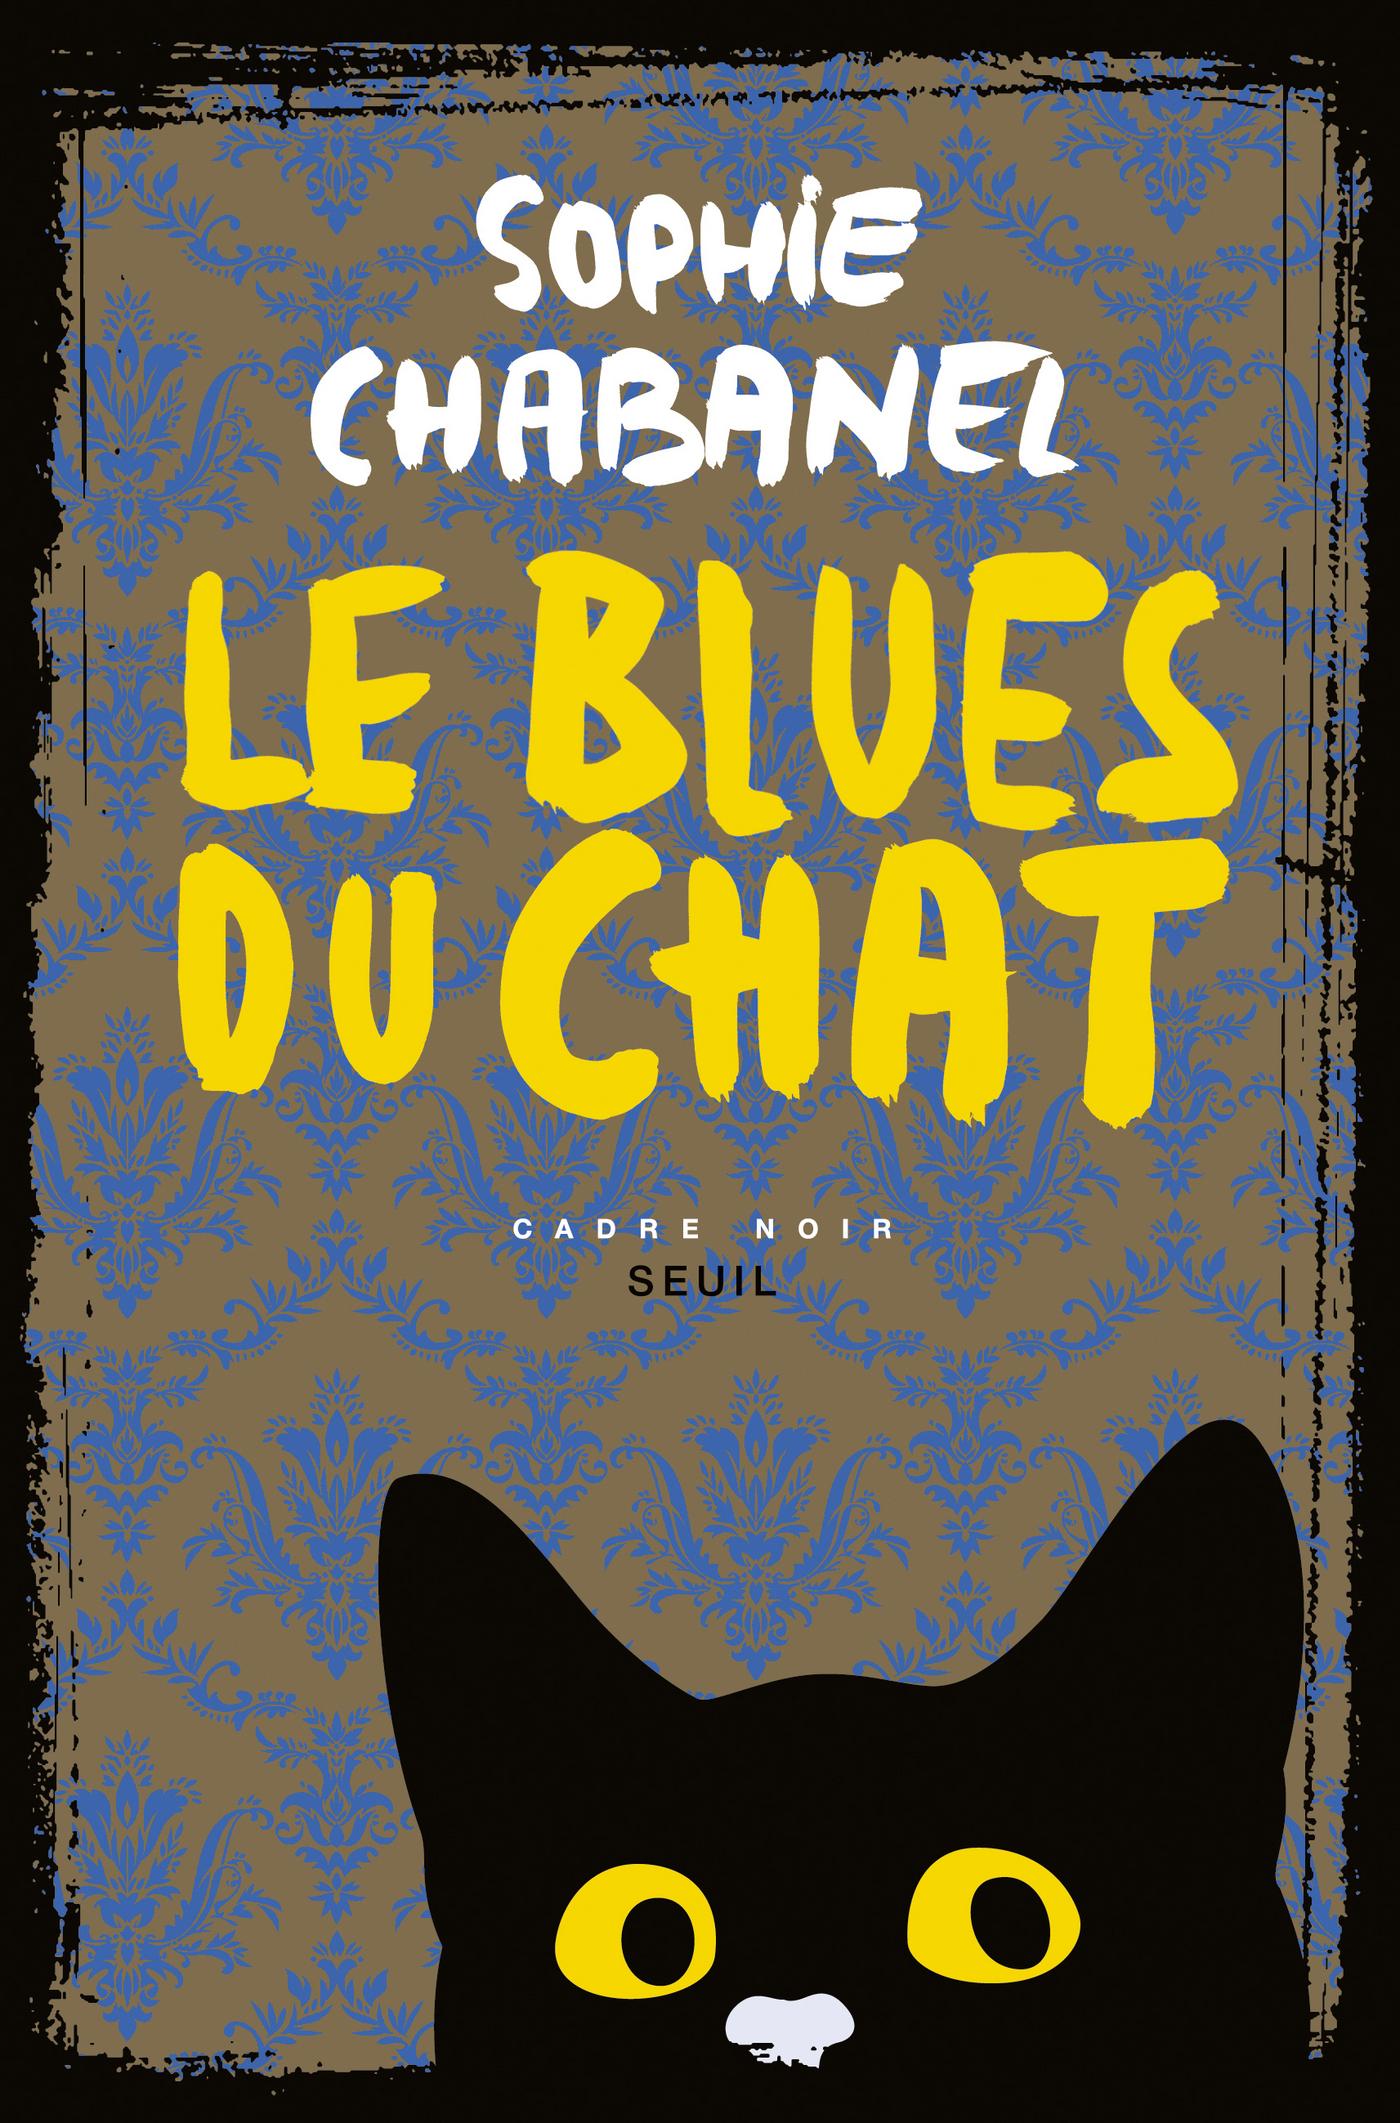 Le blues du chat